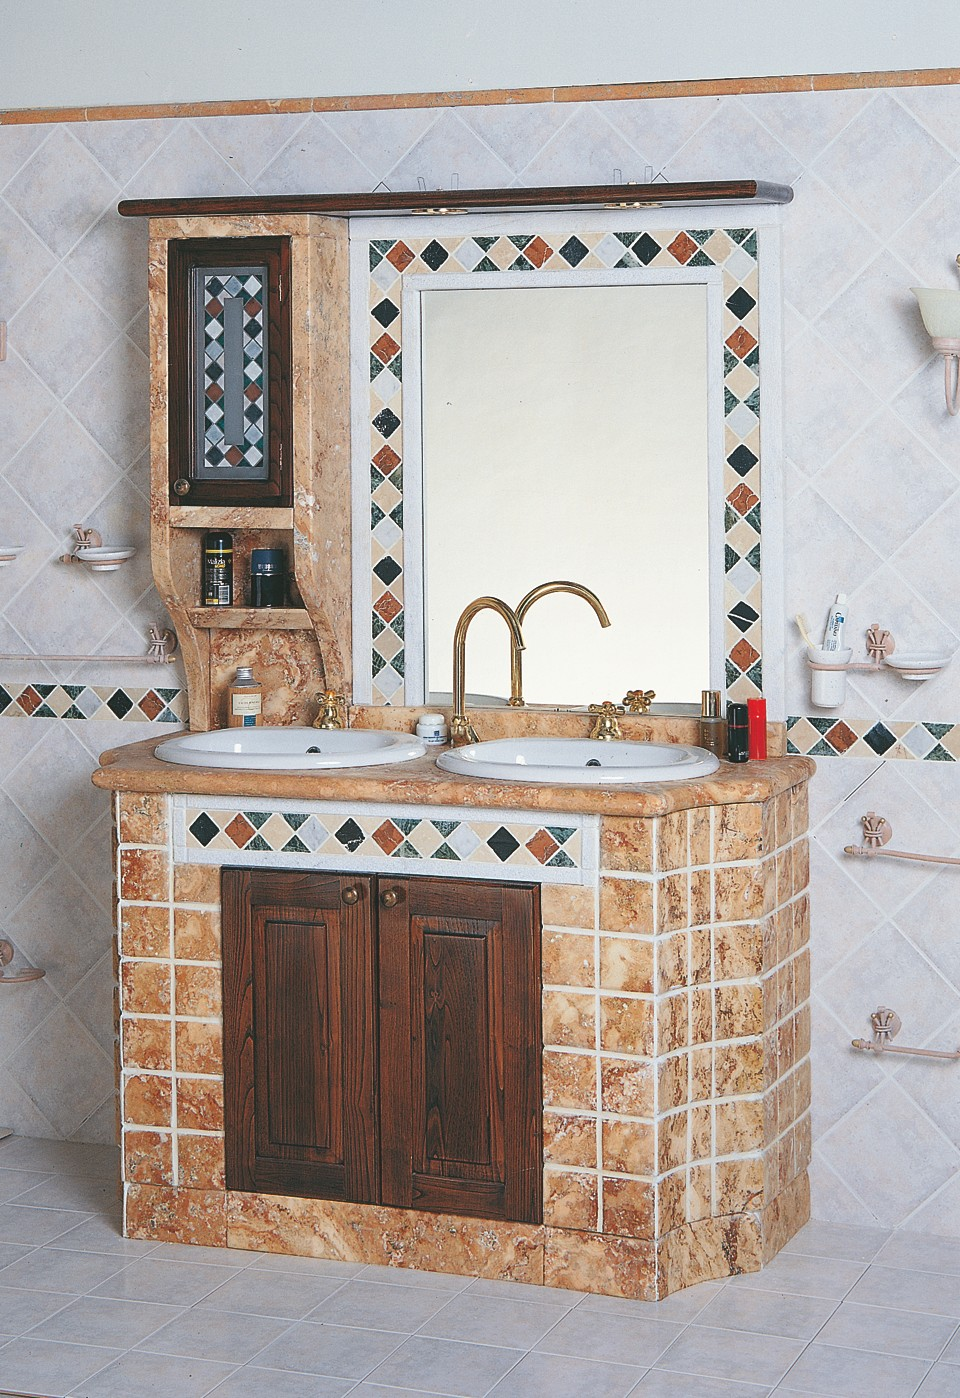 Bagni In Muratura Classici.Mobili Da Bagno In Muratura Con Rivestimento In Ciottoli